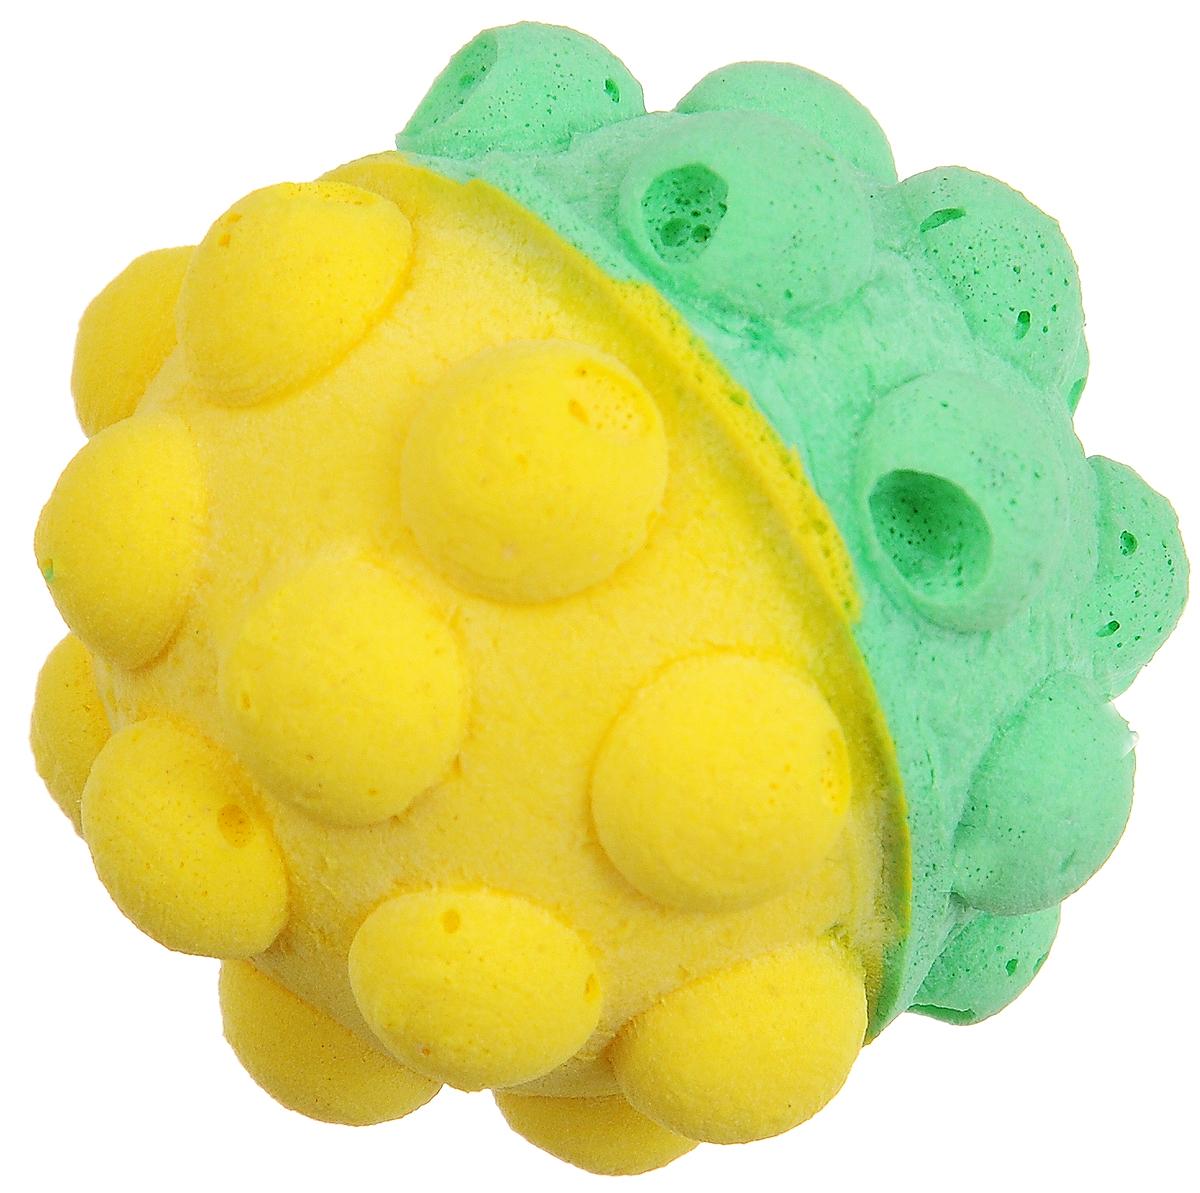 Игрушка для животных Каскад Мячик зефирный. Мина, цвет: зеленый, желтый, диаметр 4,5 см0120710Мягкая игрушка для животных Каскад Мячик зефирный. Мина изготовлена из вспененного полимера.Такая игрушка порадует вашего любимца, а вам доставит массу приятных эмоций, ведь наблюдать за игрой всегда интересно и приятно.Диаметр игрушки: 4,5 см.